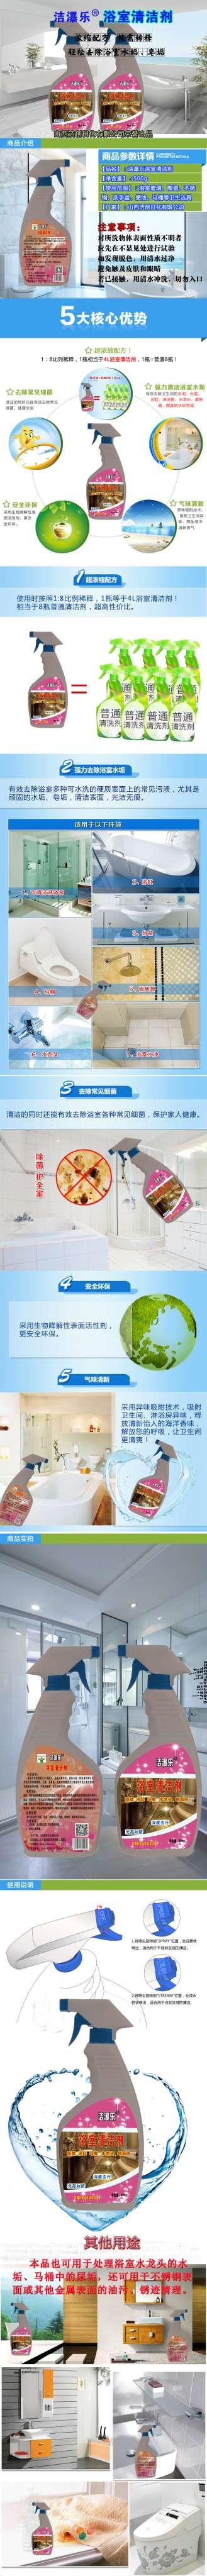 洁瀑乐浴室清洁剂副本2.jpg